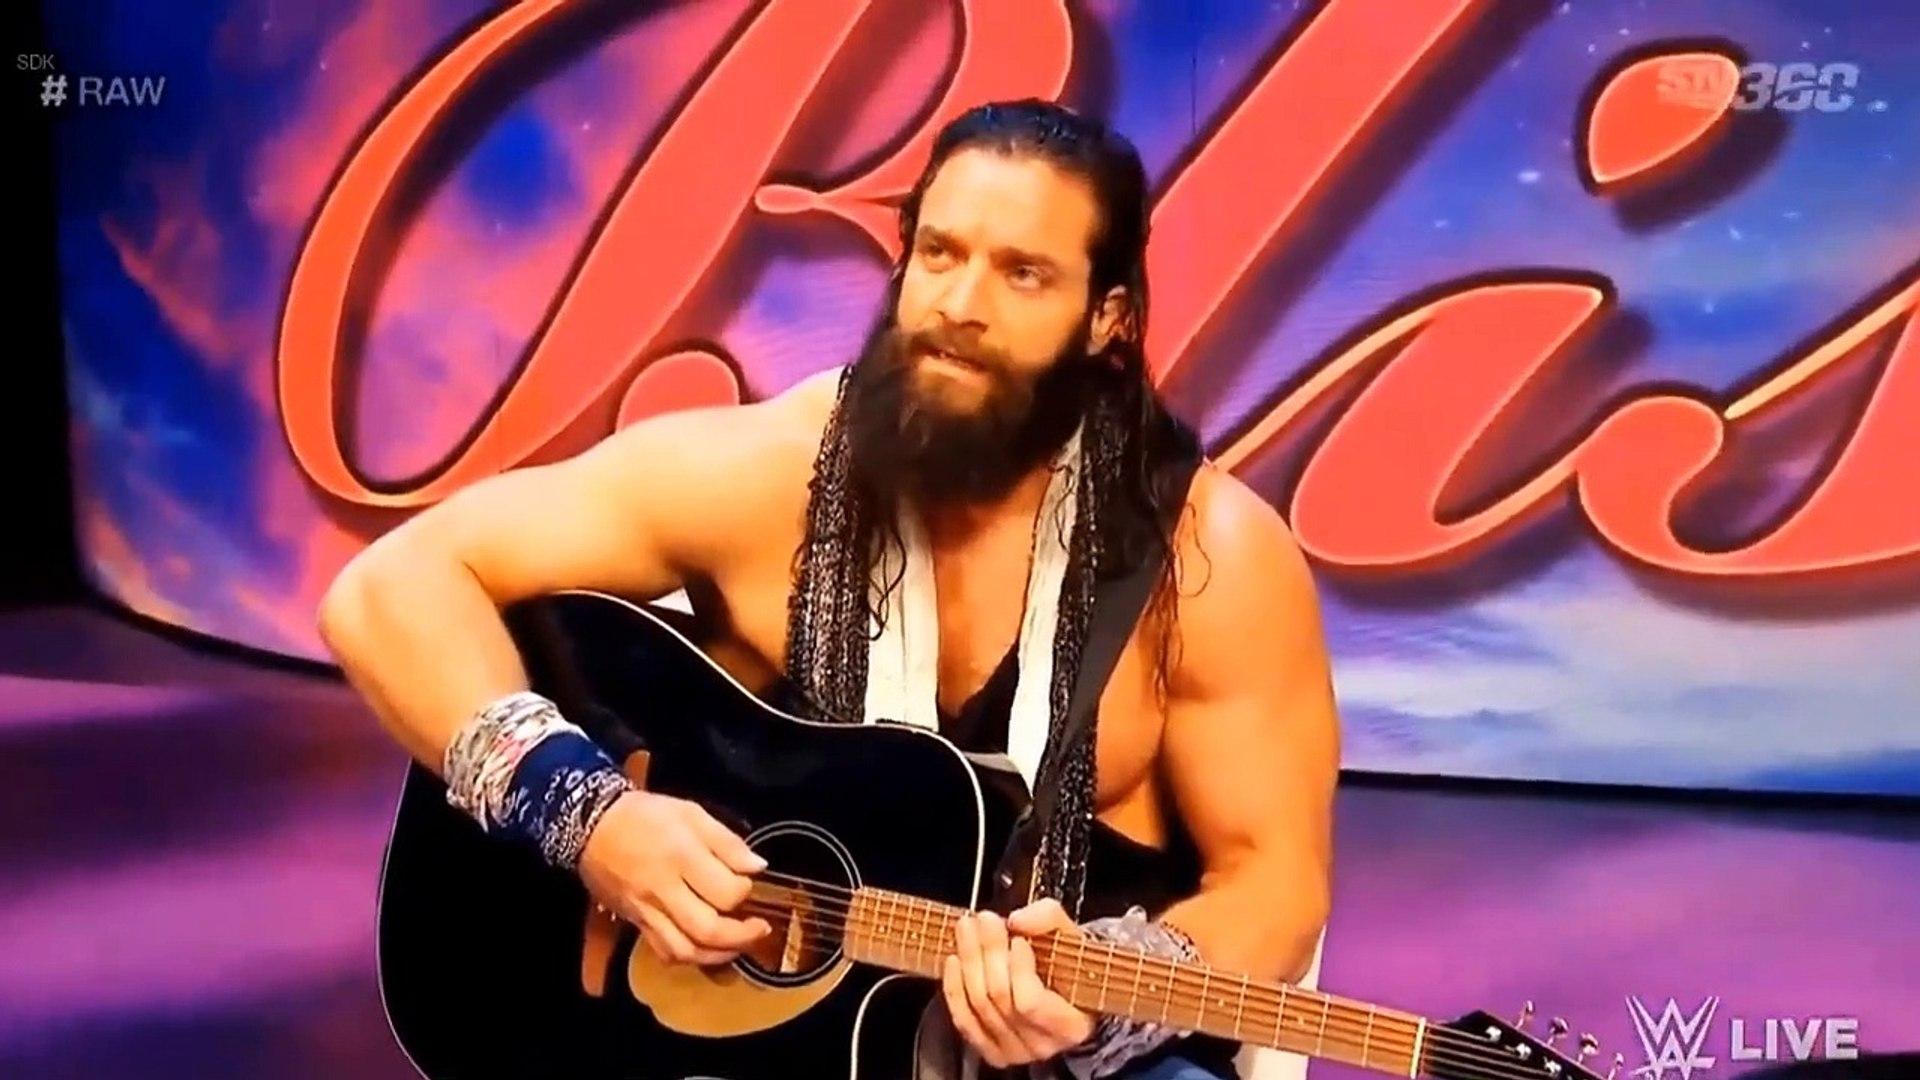 WWE Raw 18th March 2019 Highlights HD - WWE Raw 03/18/2019 Highlights HD